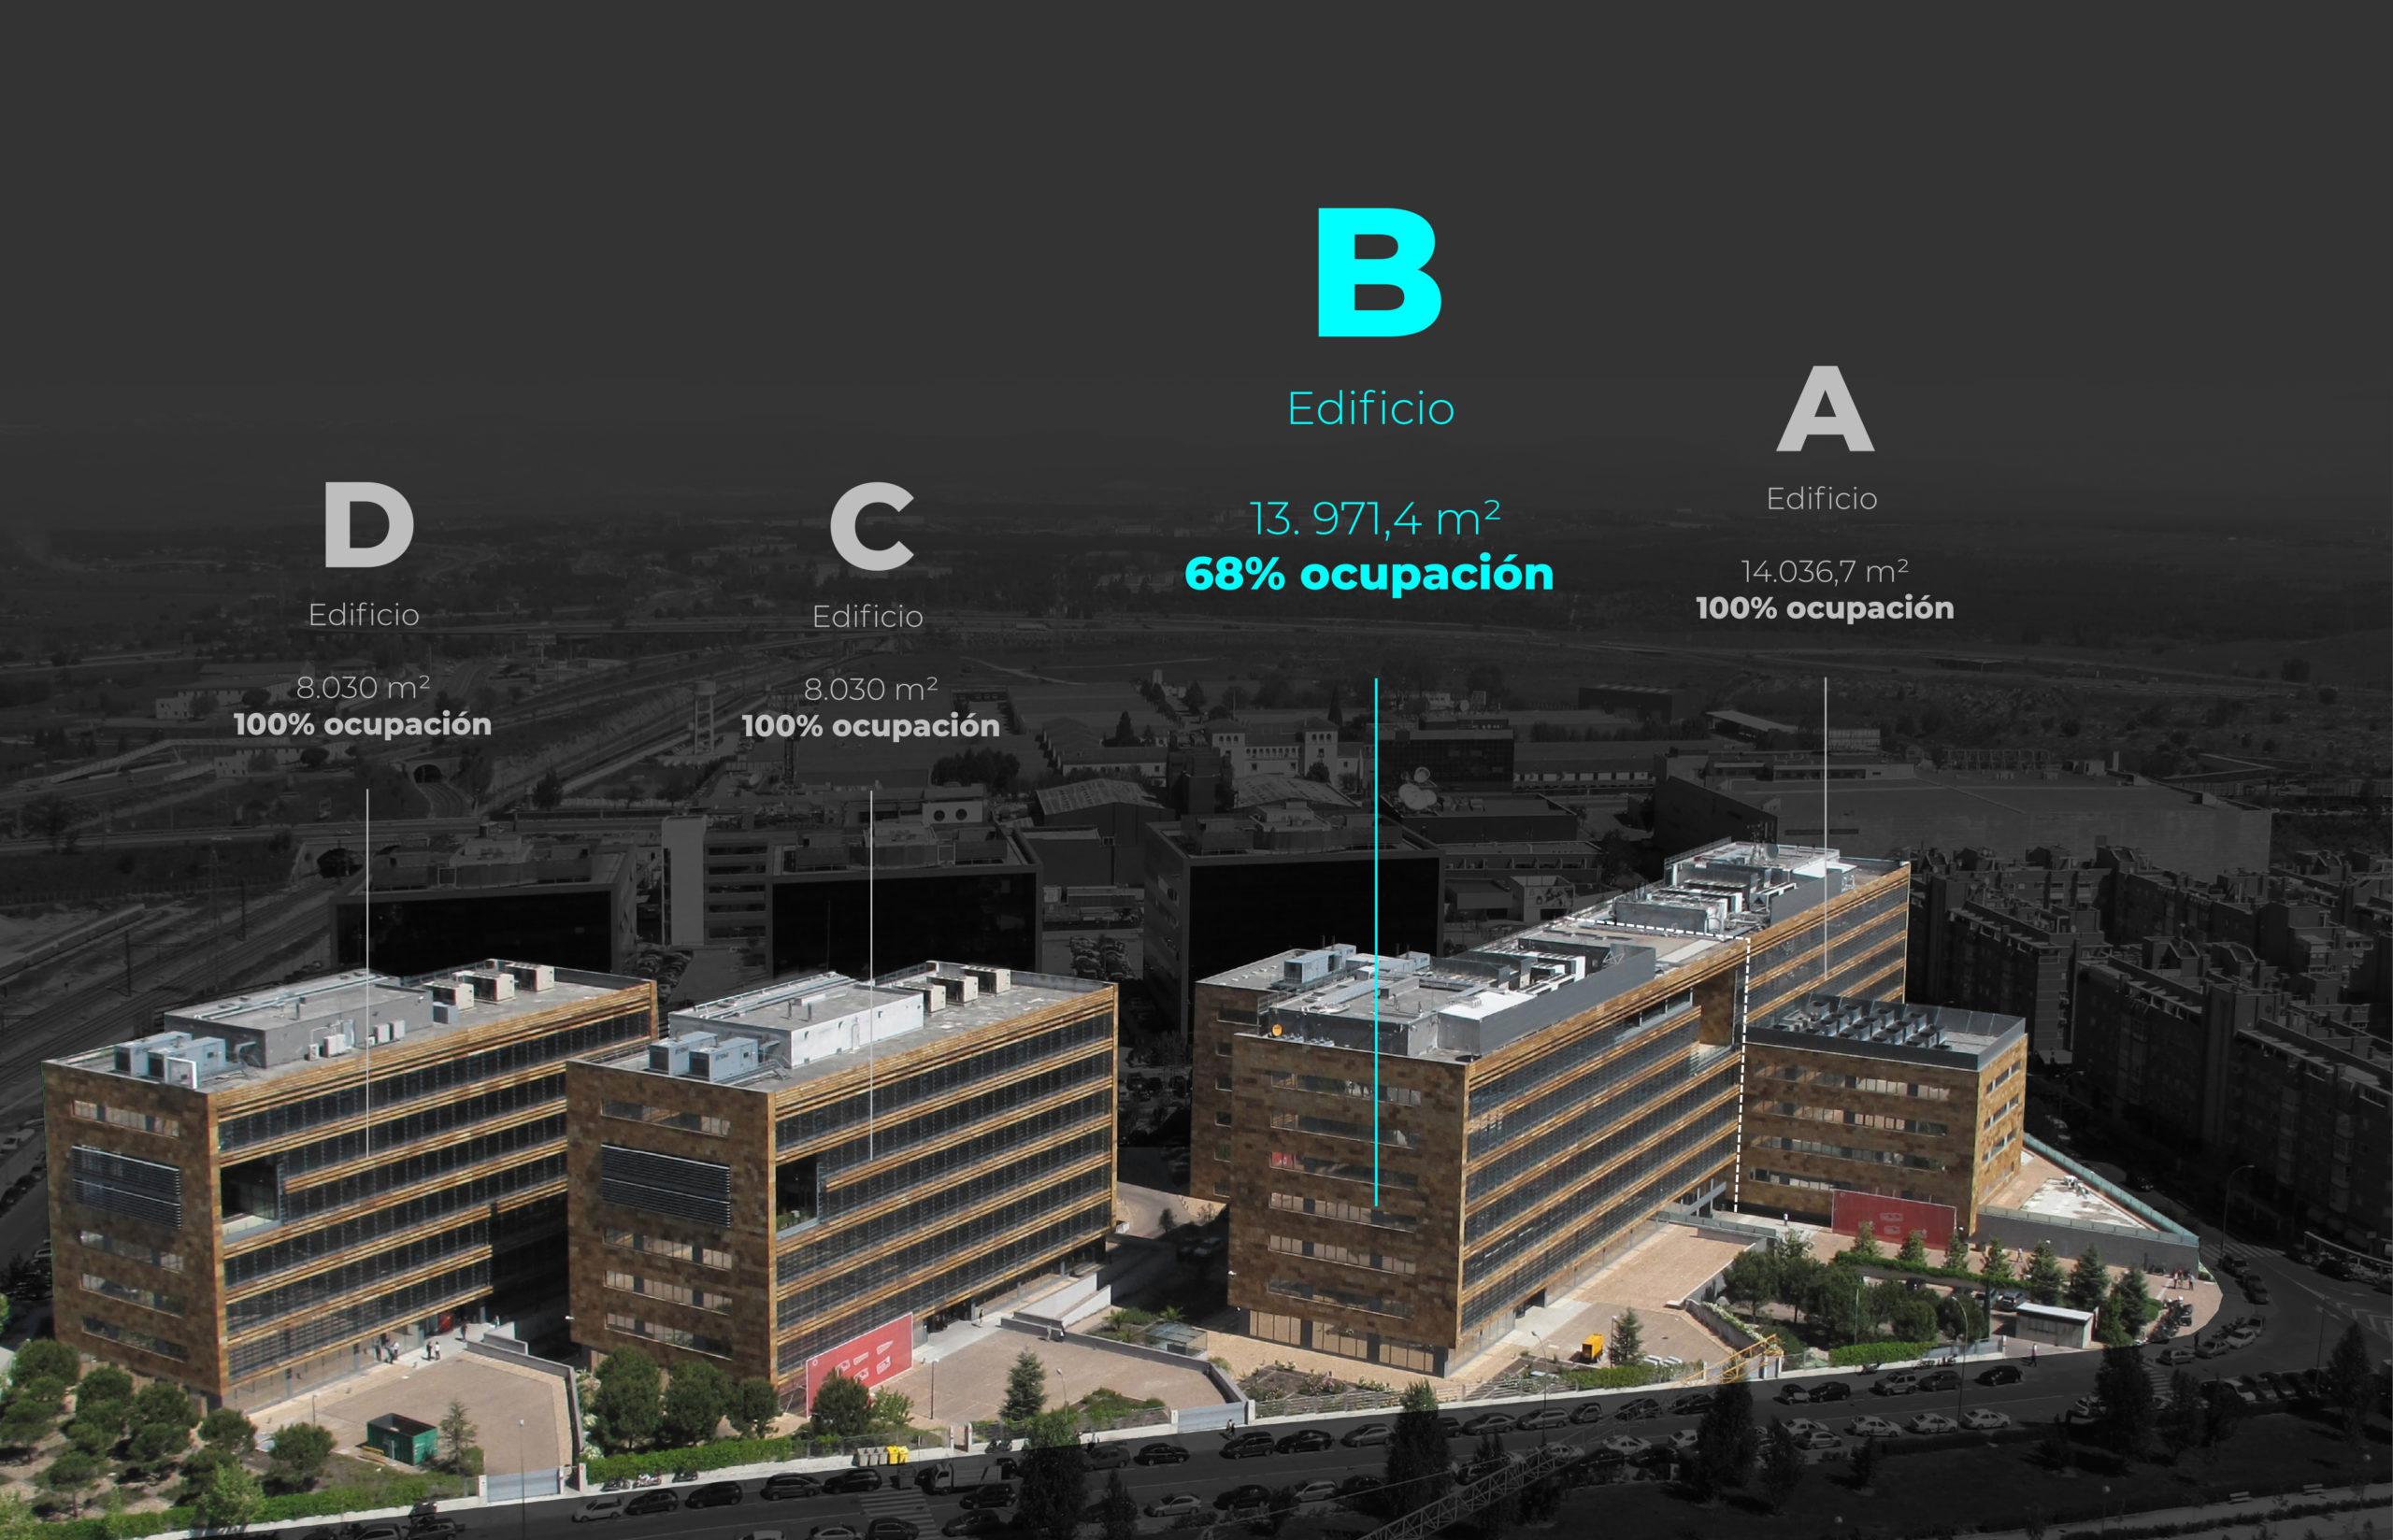 disponibilidad del edificio b castellana norte madrid 1